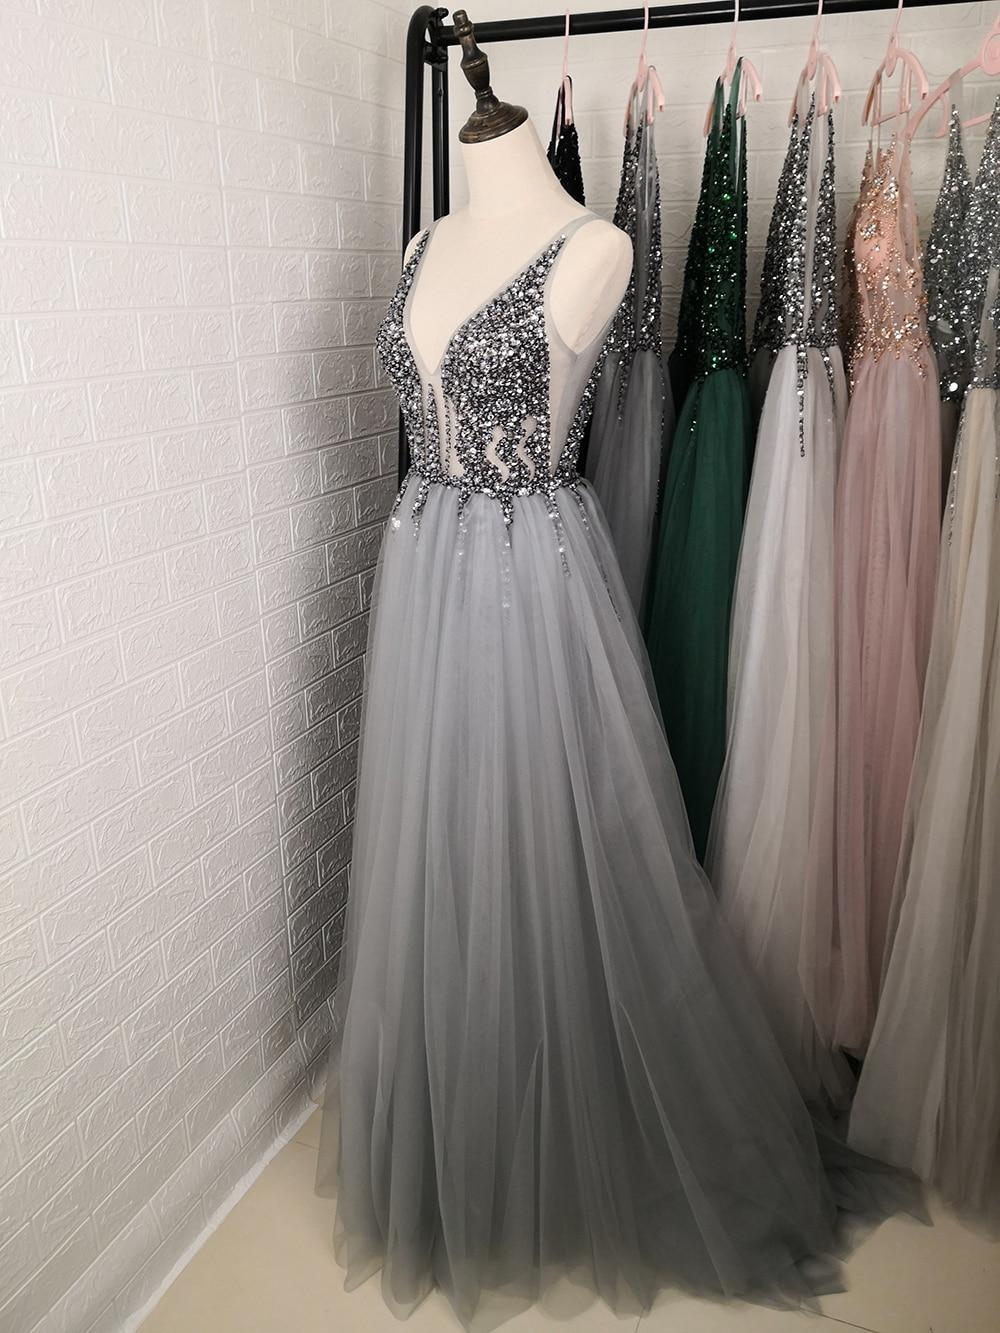 Сексуальное длинное вечернее платье с глубоким v-образным вырезом и разрезом сбоку, Новое поступление года, блестящее платье с высоким разрезом и открытой спиной, Abendkleider Lang - Цвет: dark gray